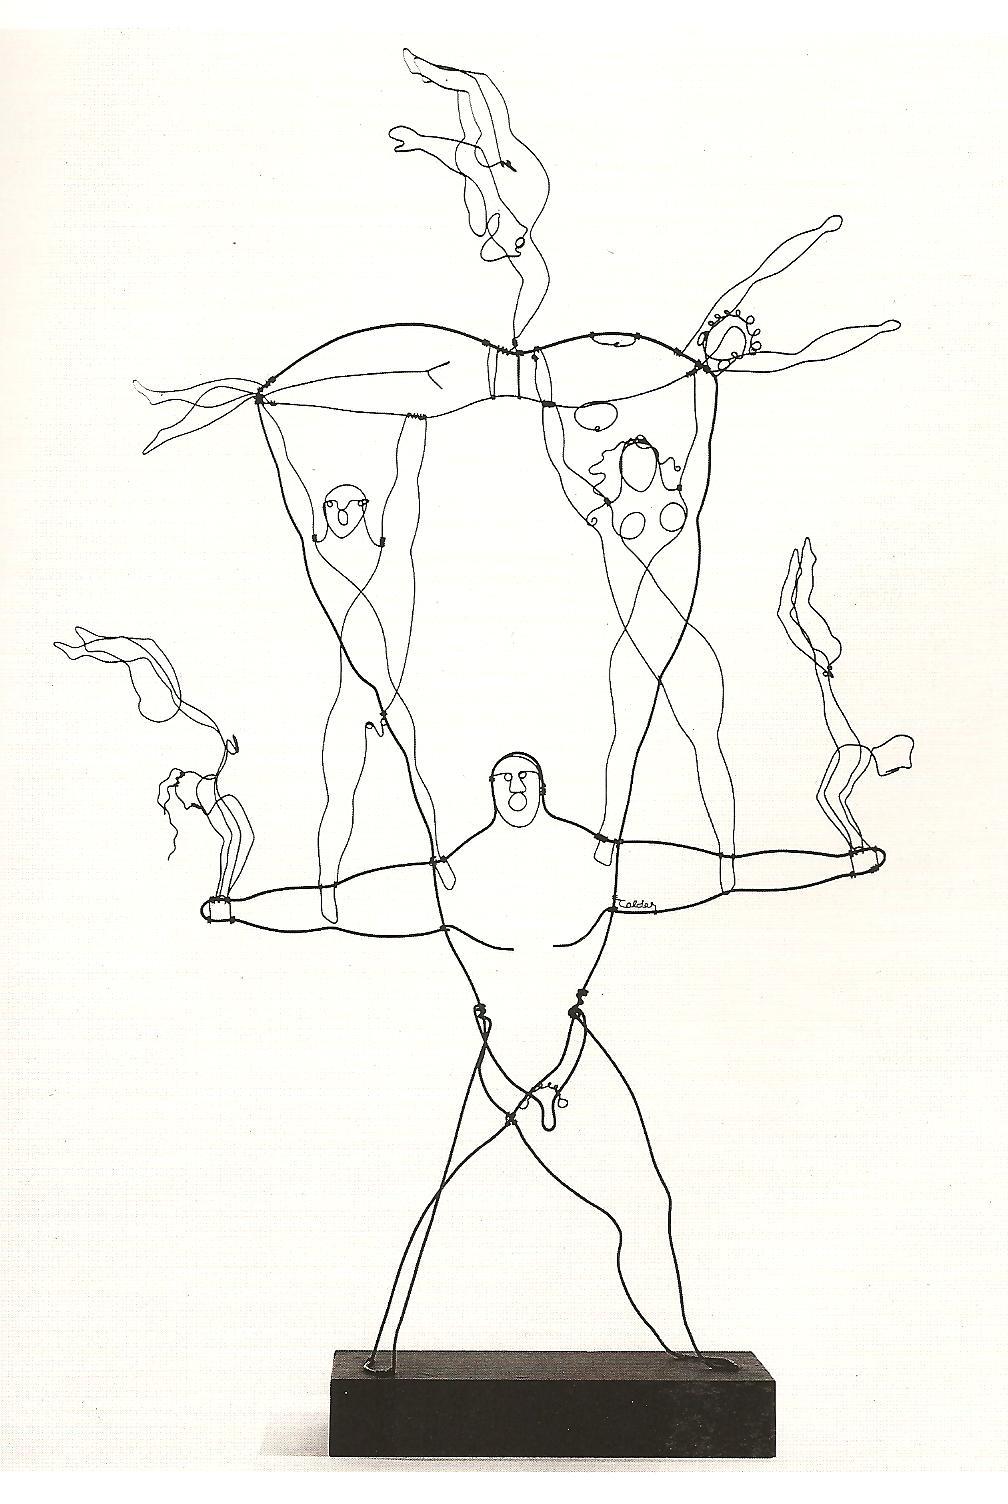 Alexander Calder Circus Drawings Design Blog | 74 FOOTW...